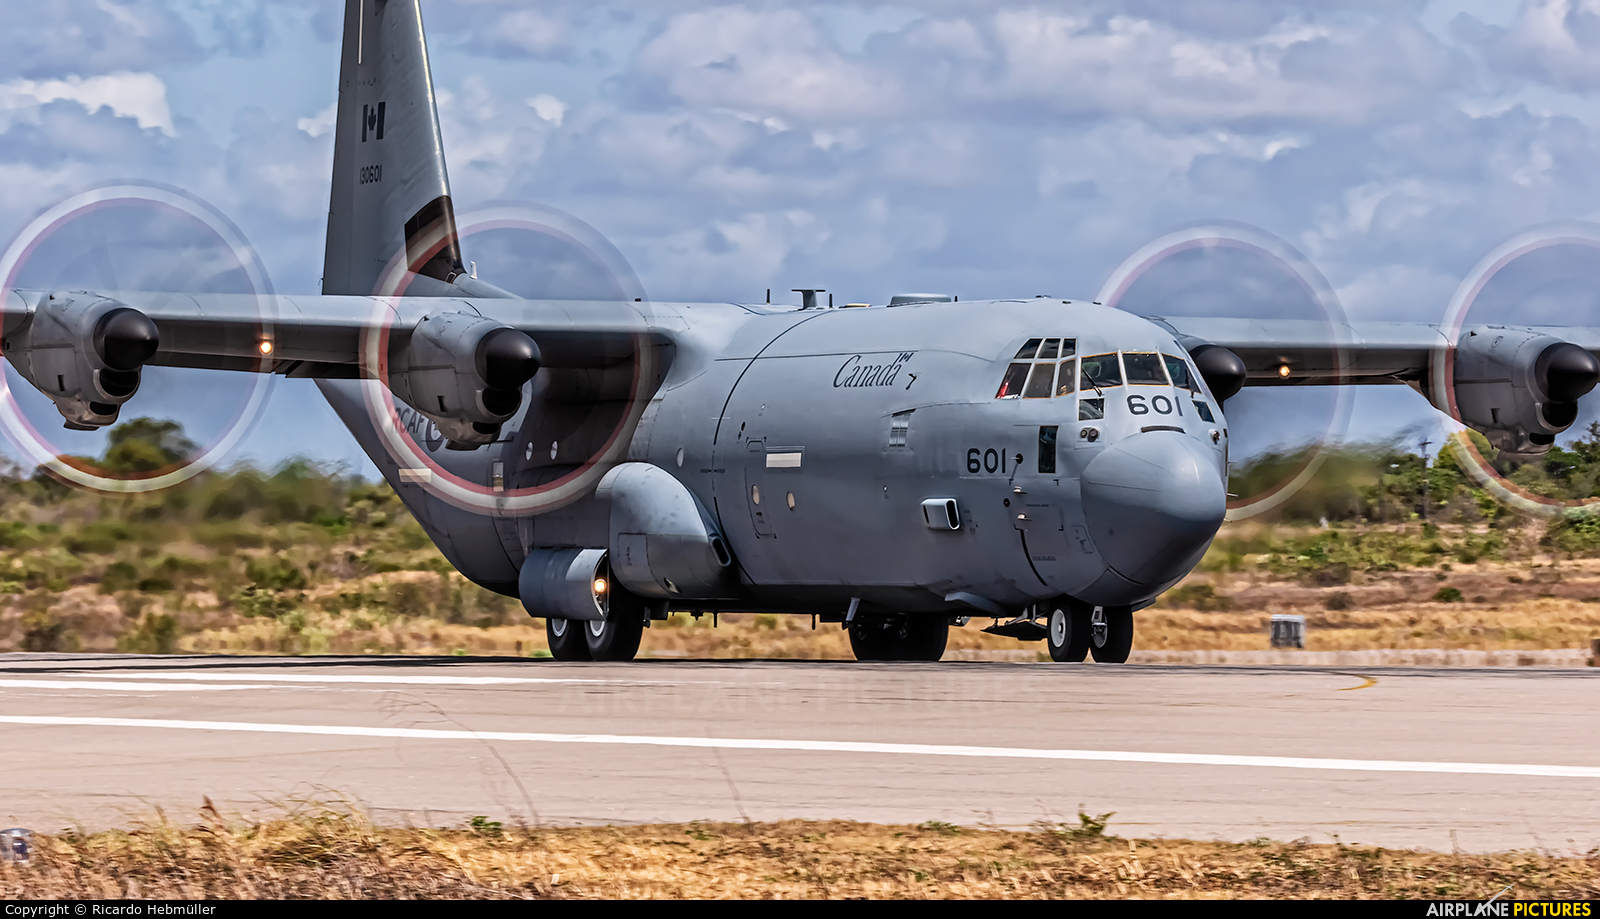 Canada - Air Force 130601 aircraft at Natal - Augusto Severo